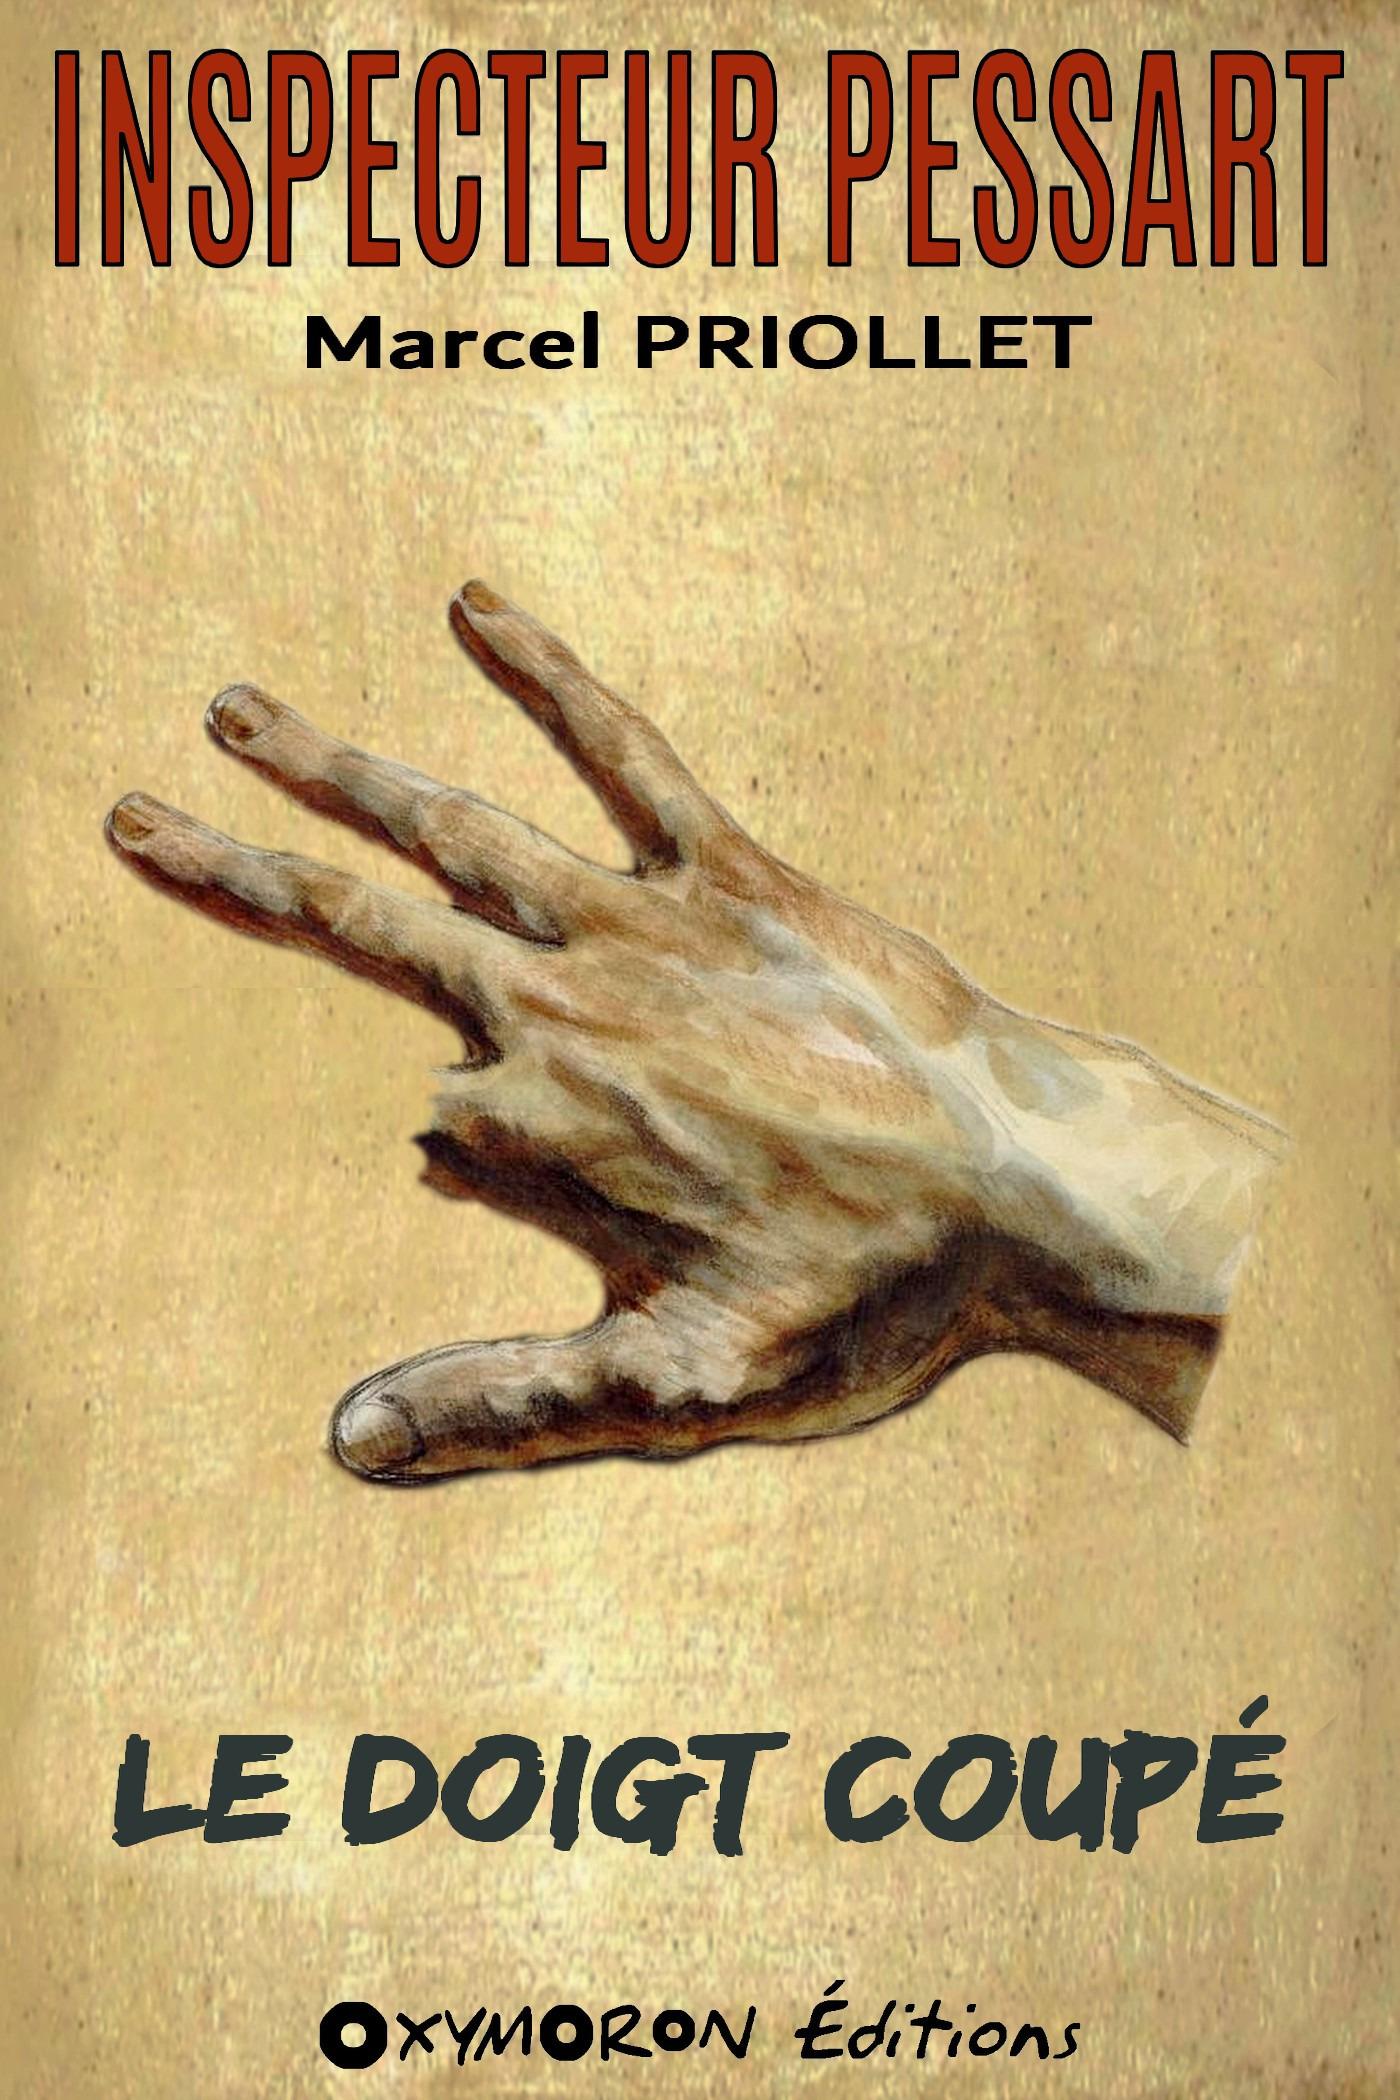 Le doigt coupé